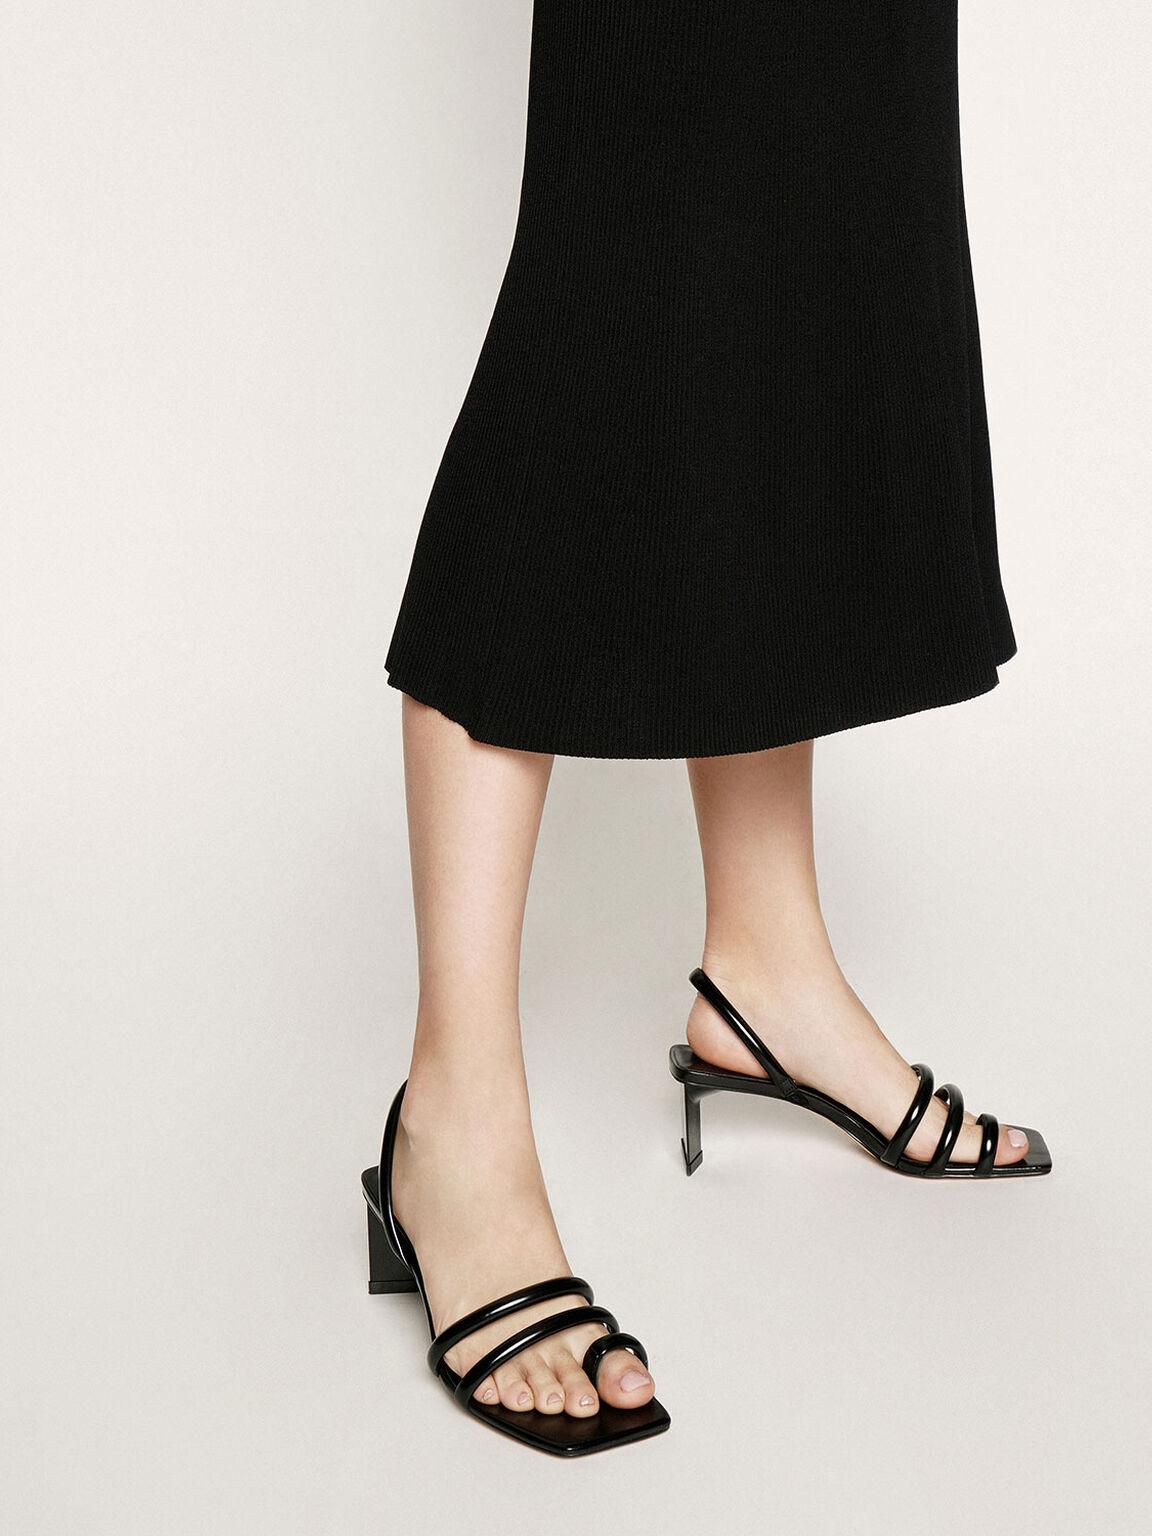 Toe Loop Strappy Slingback Heels, Black, hi-res